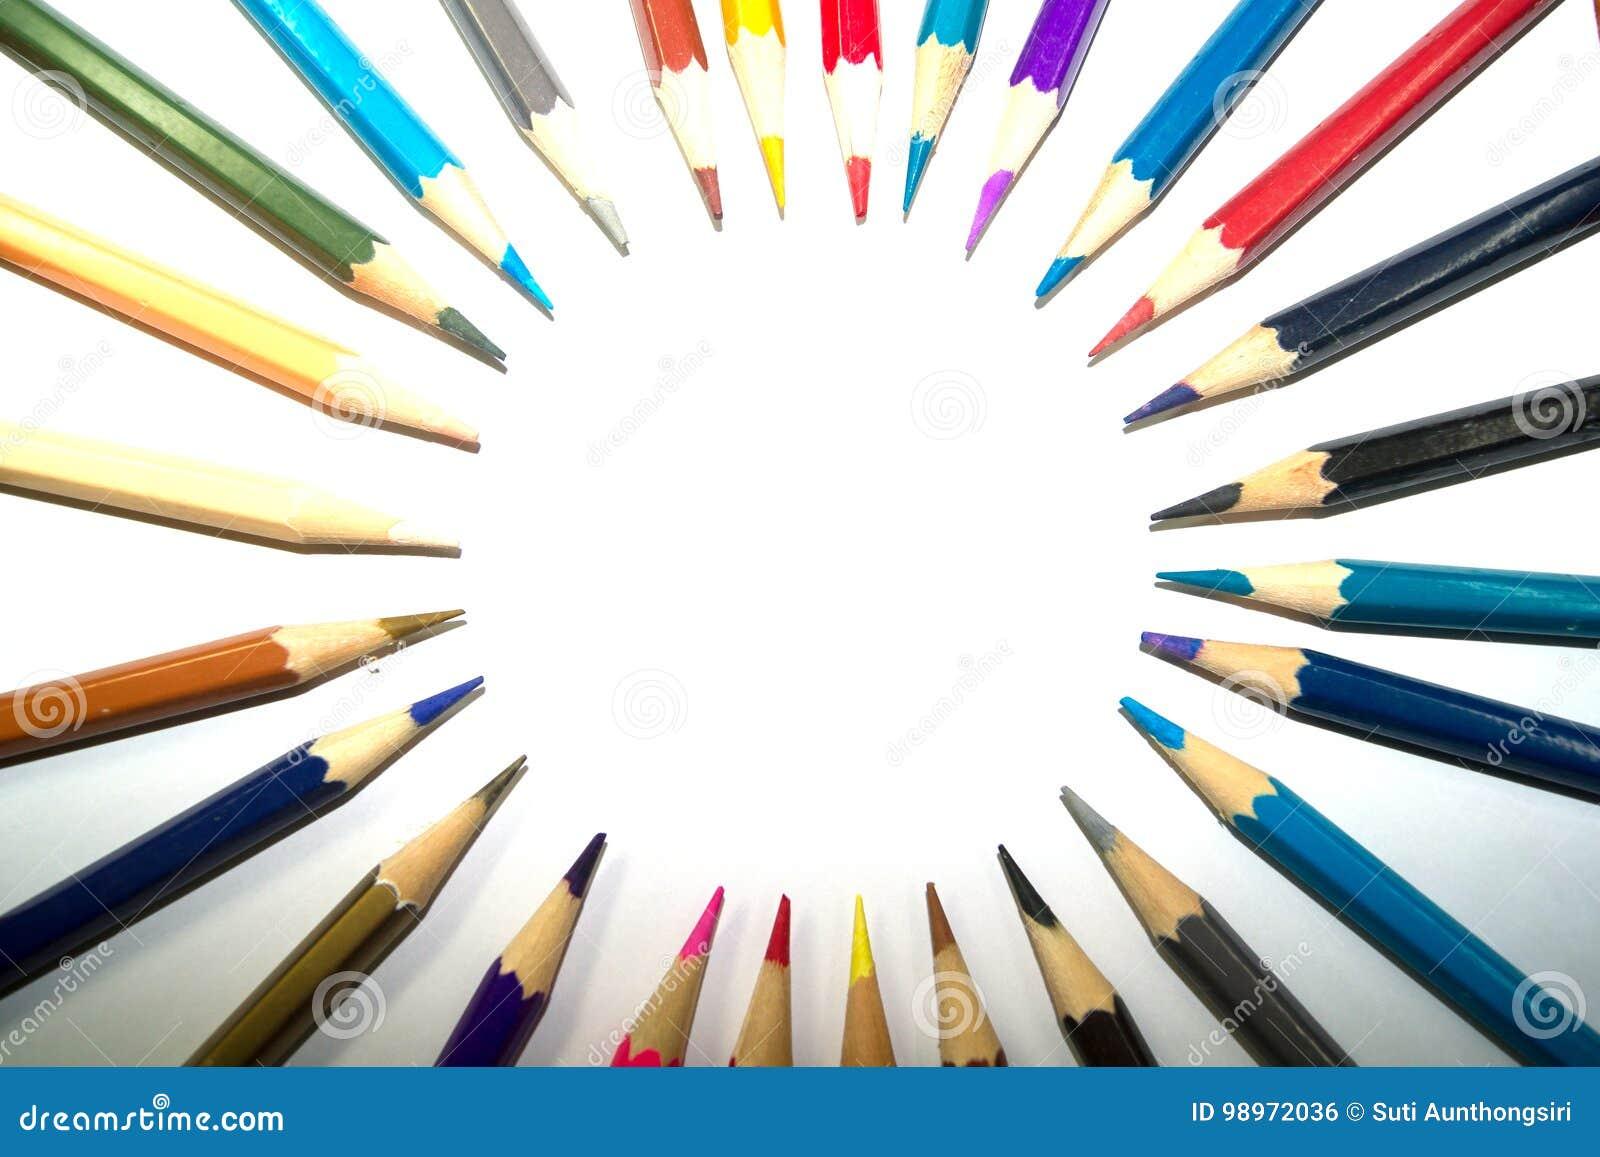 Briefpapier benutzt, um die Kunst zu malen